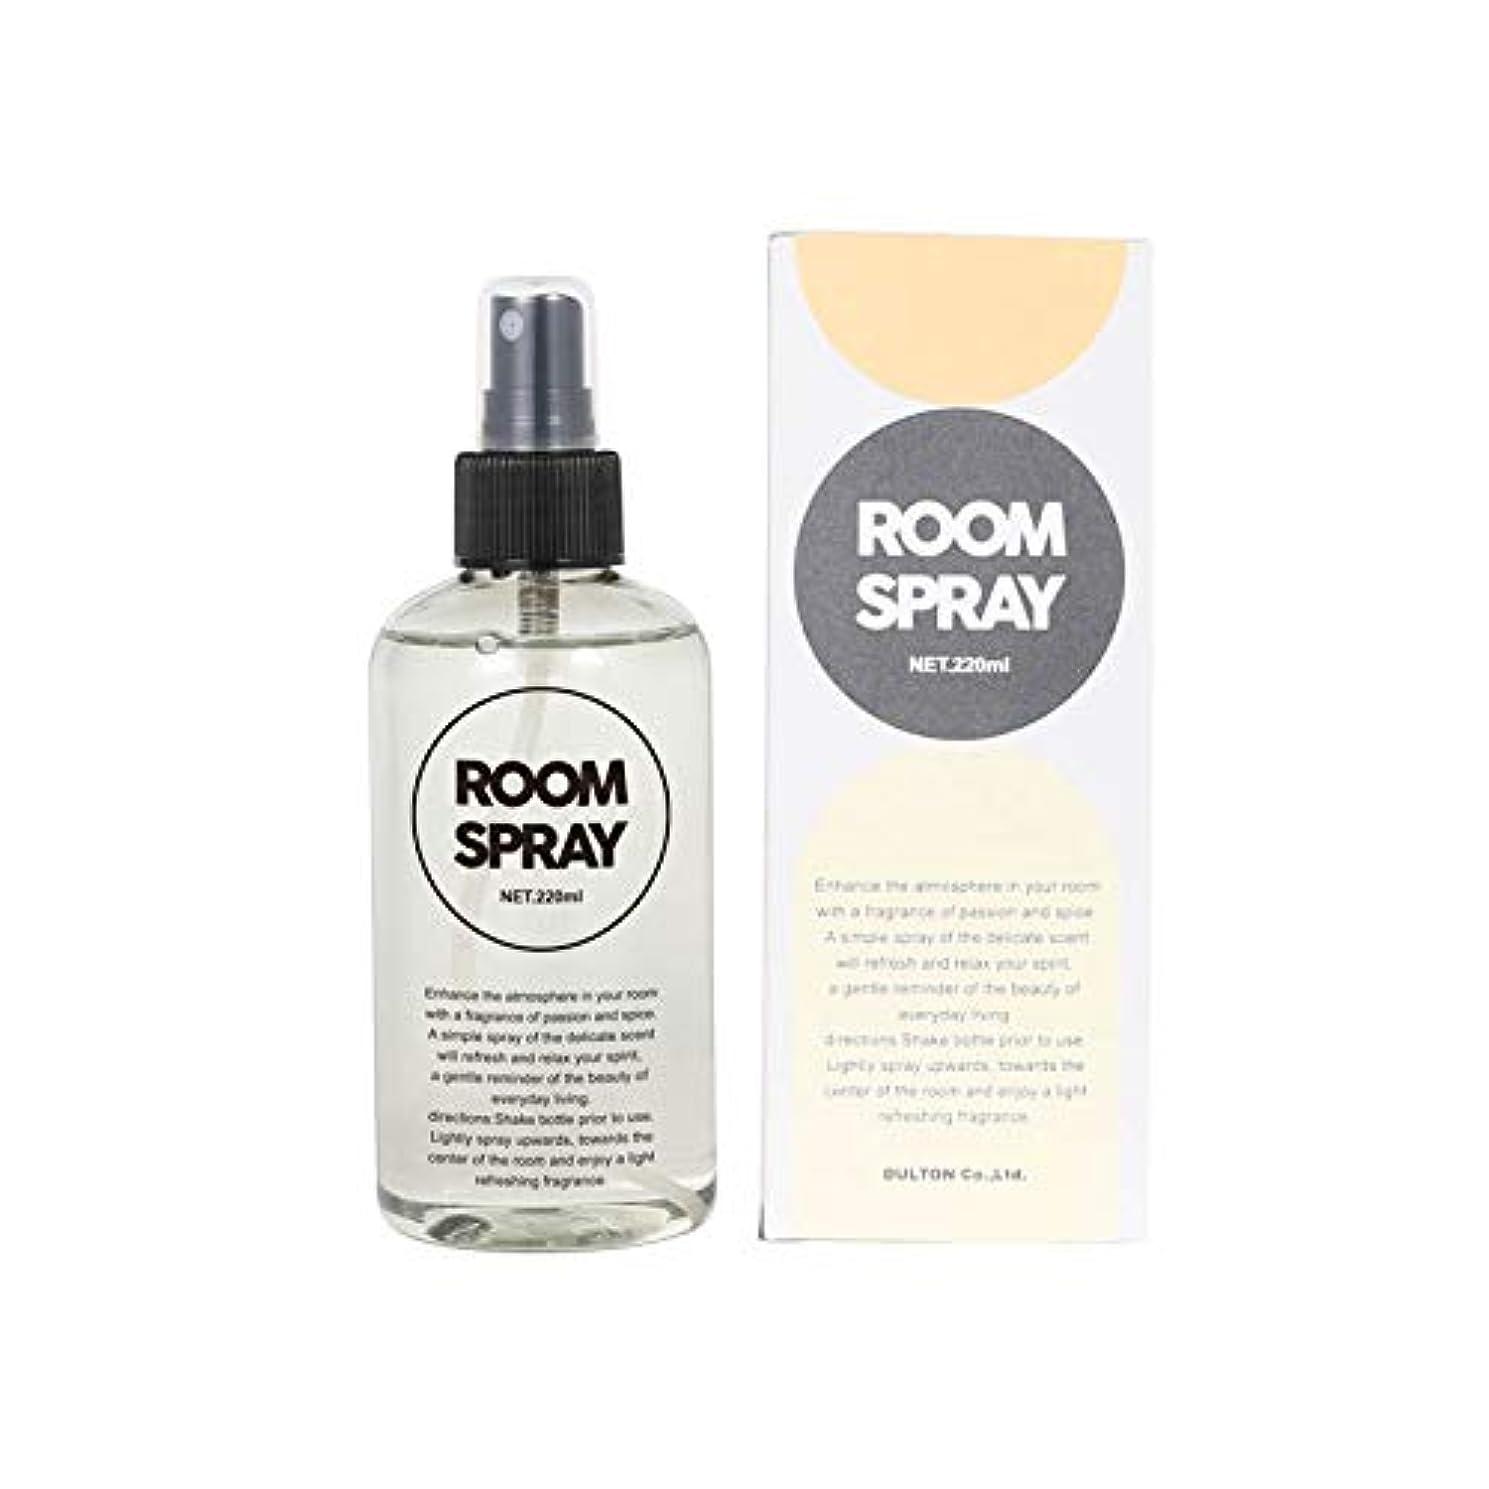 ブルゴーニュランチ市場ダルトン Room spray ルームスプレイ アロマ G975-1269 Lemon mint